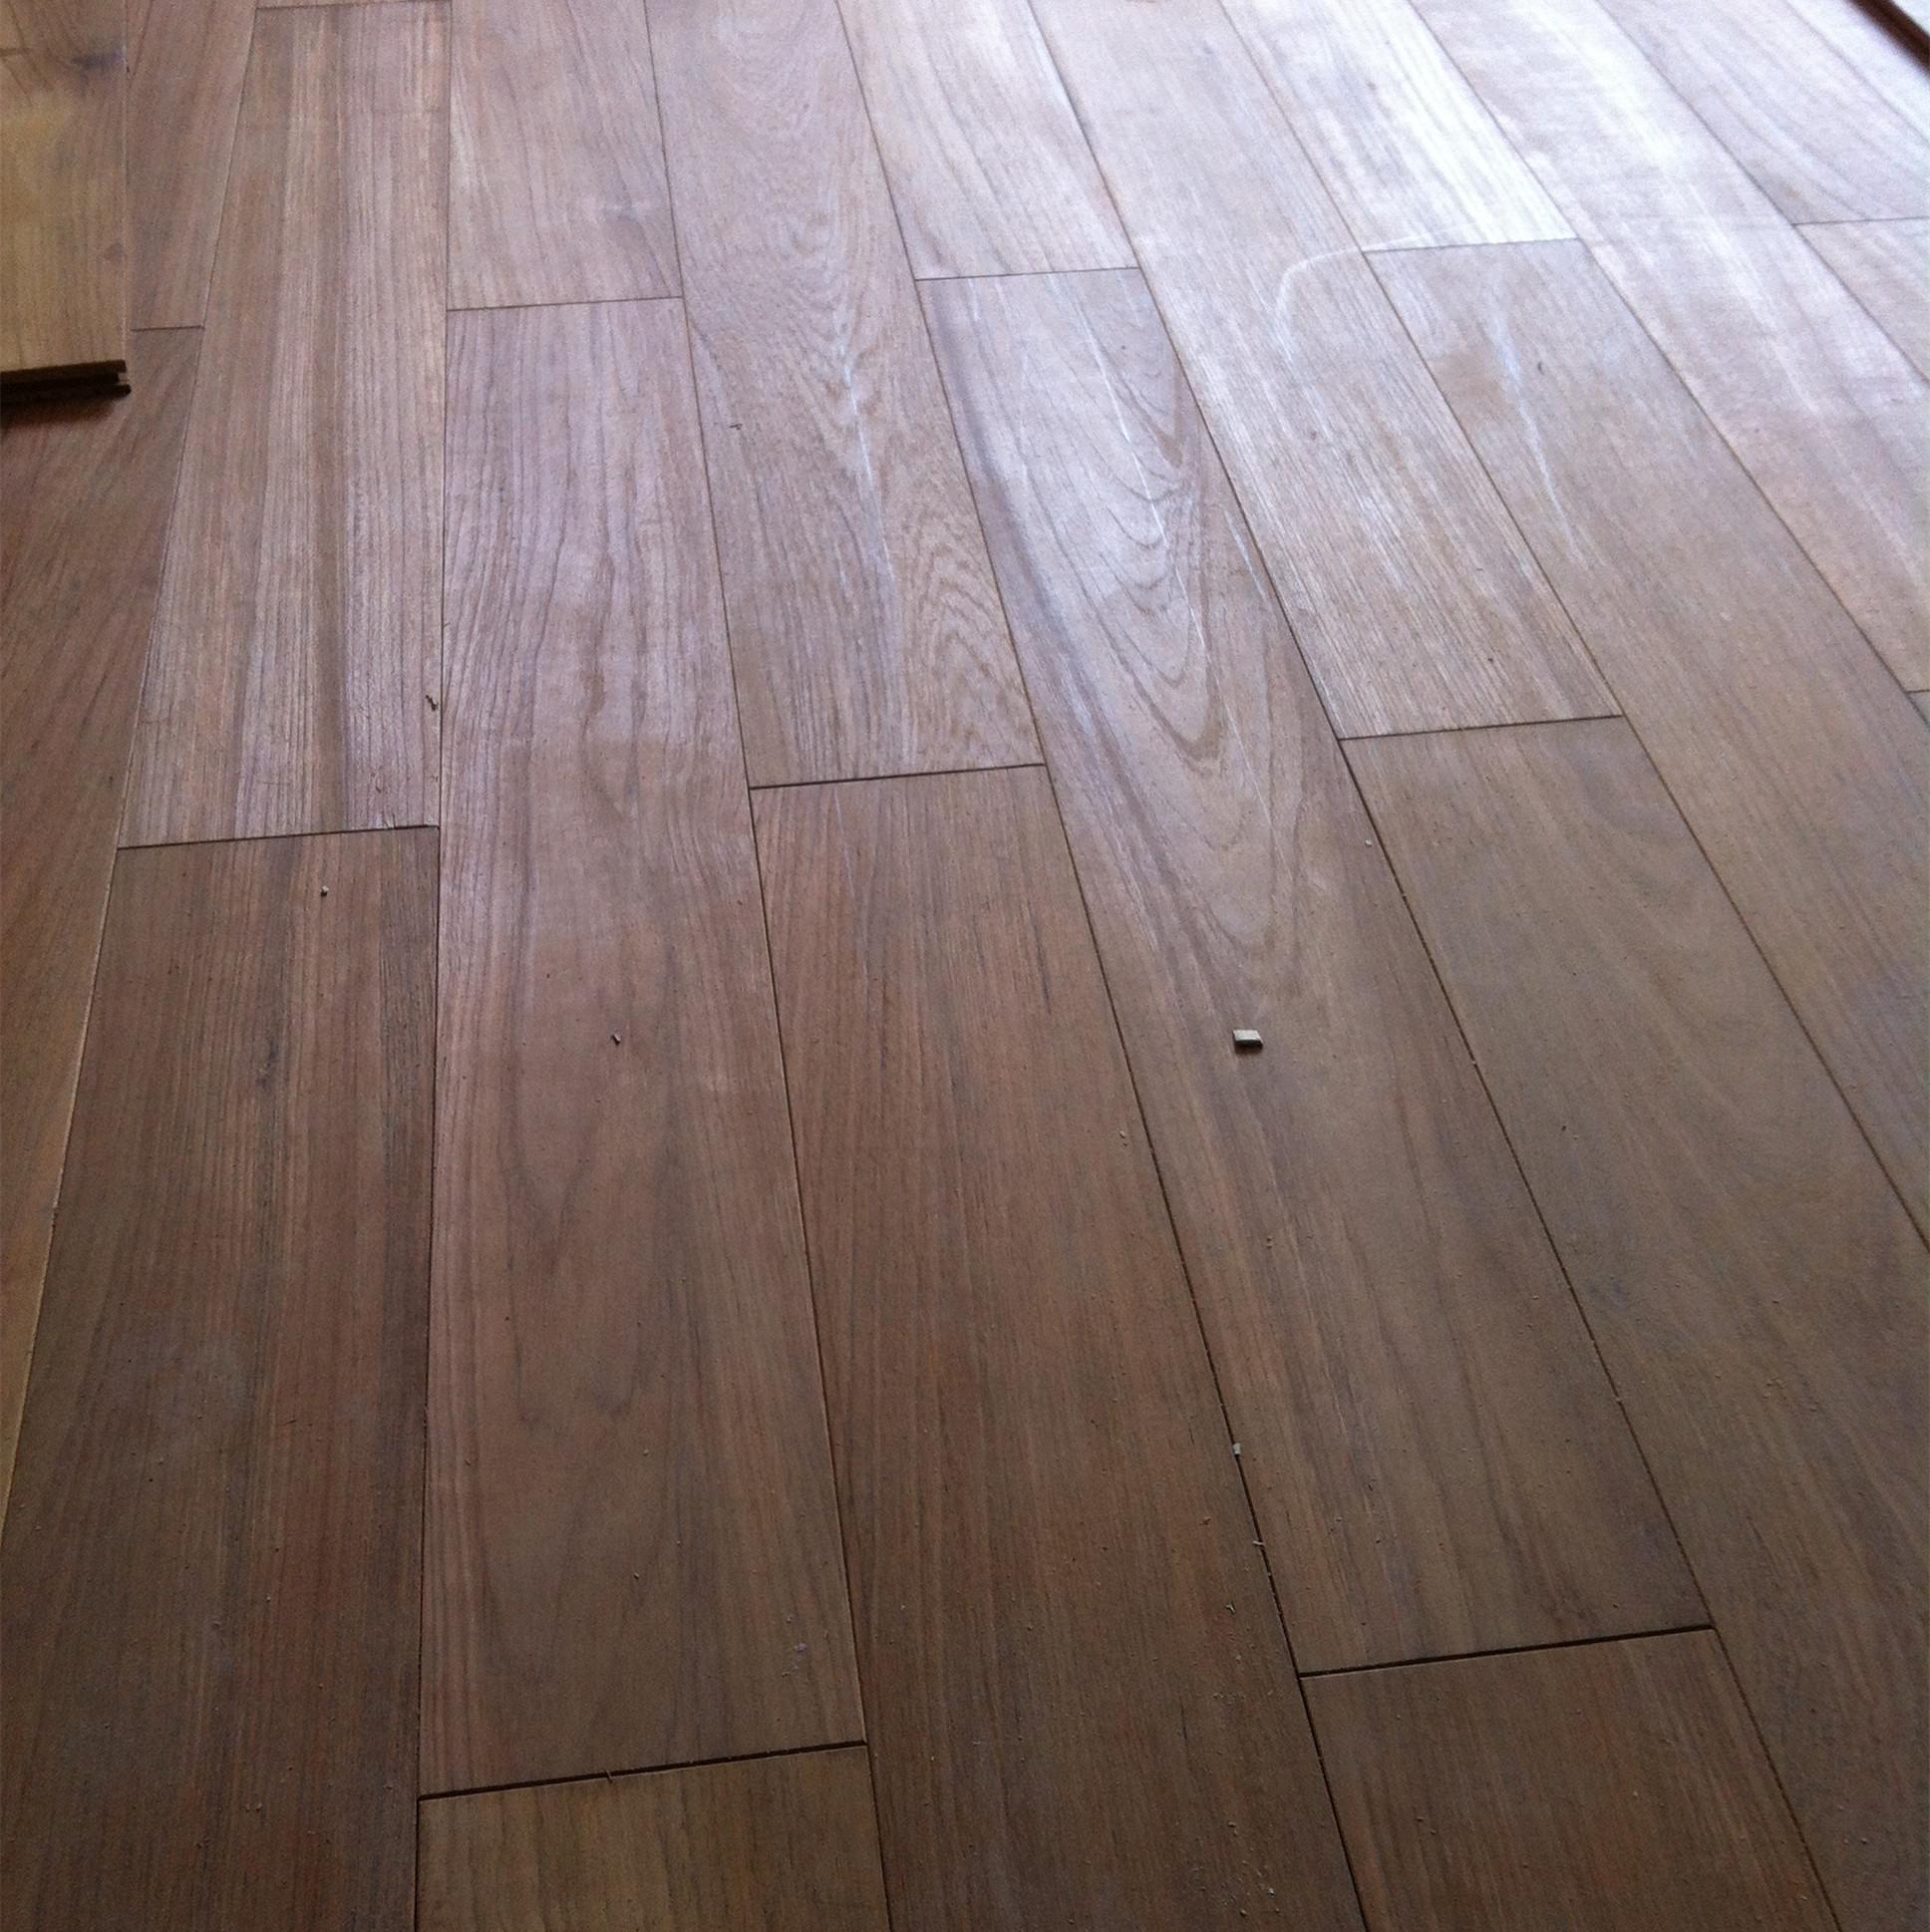 国森缅甸柚木地板 纯实木免漆地板特价 大自然素板地暖地热410长